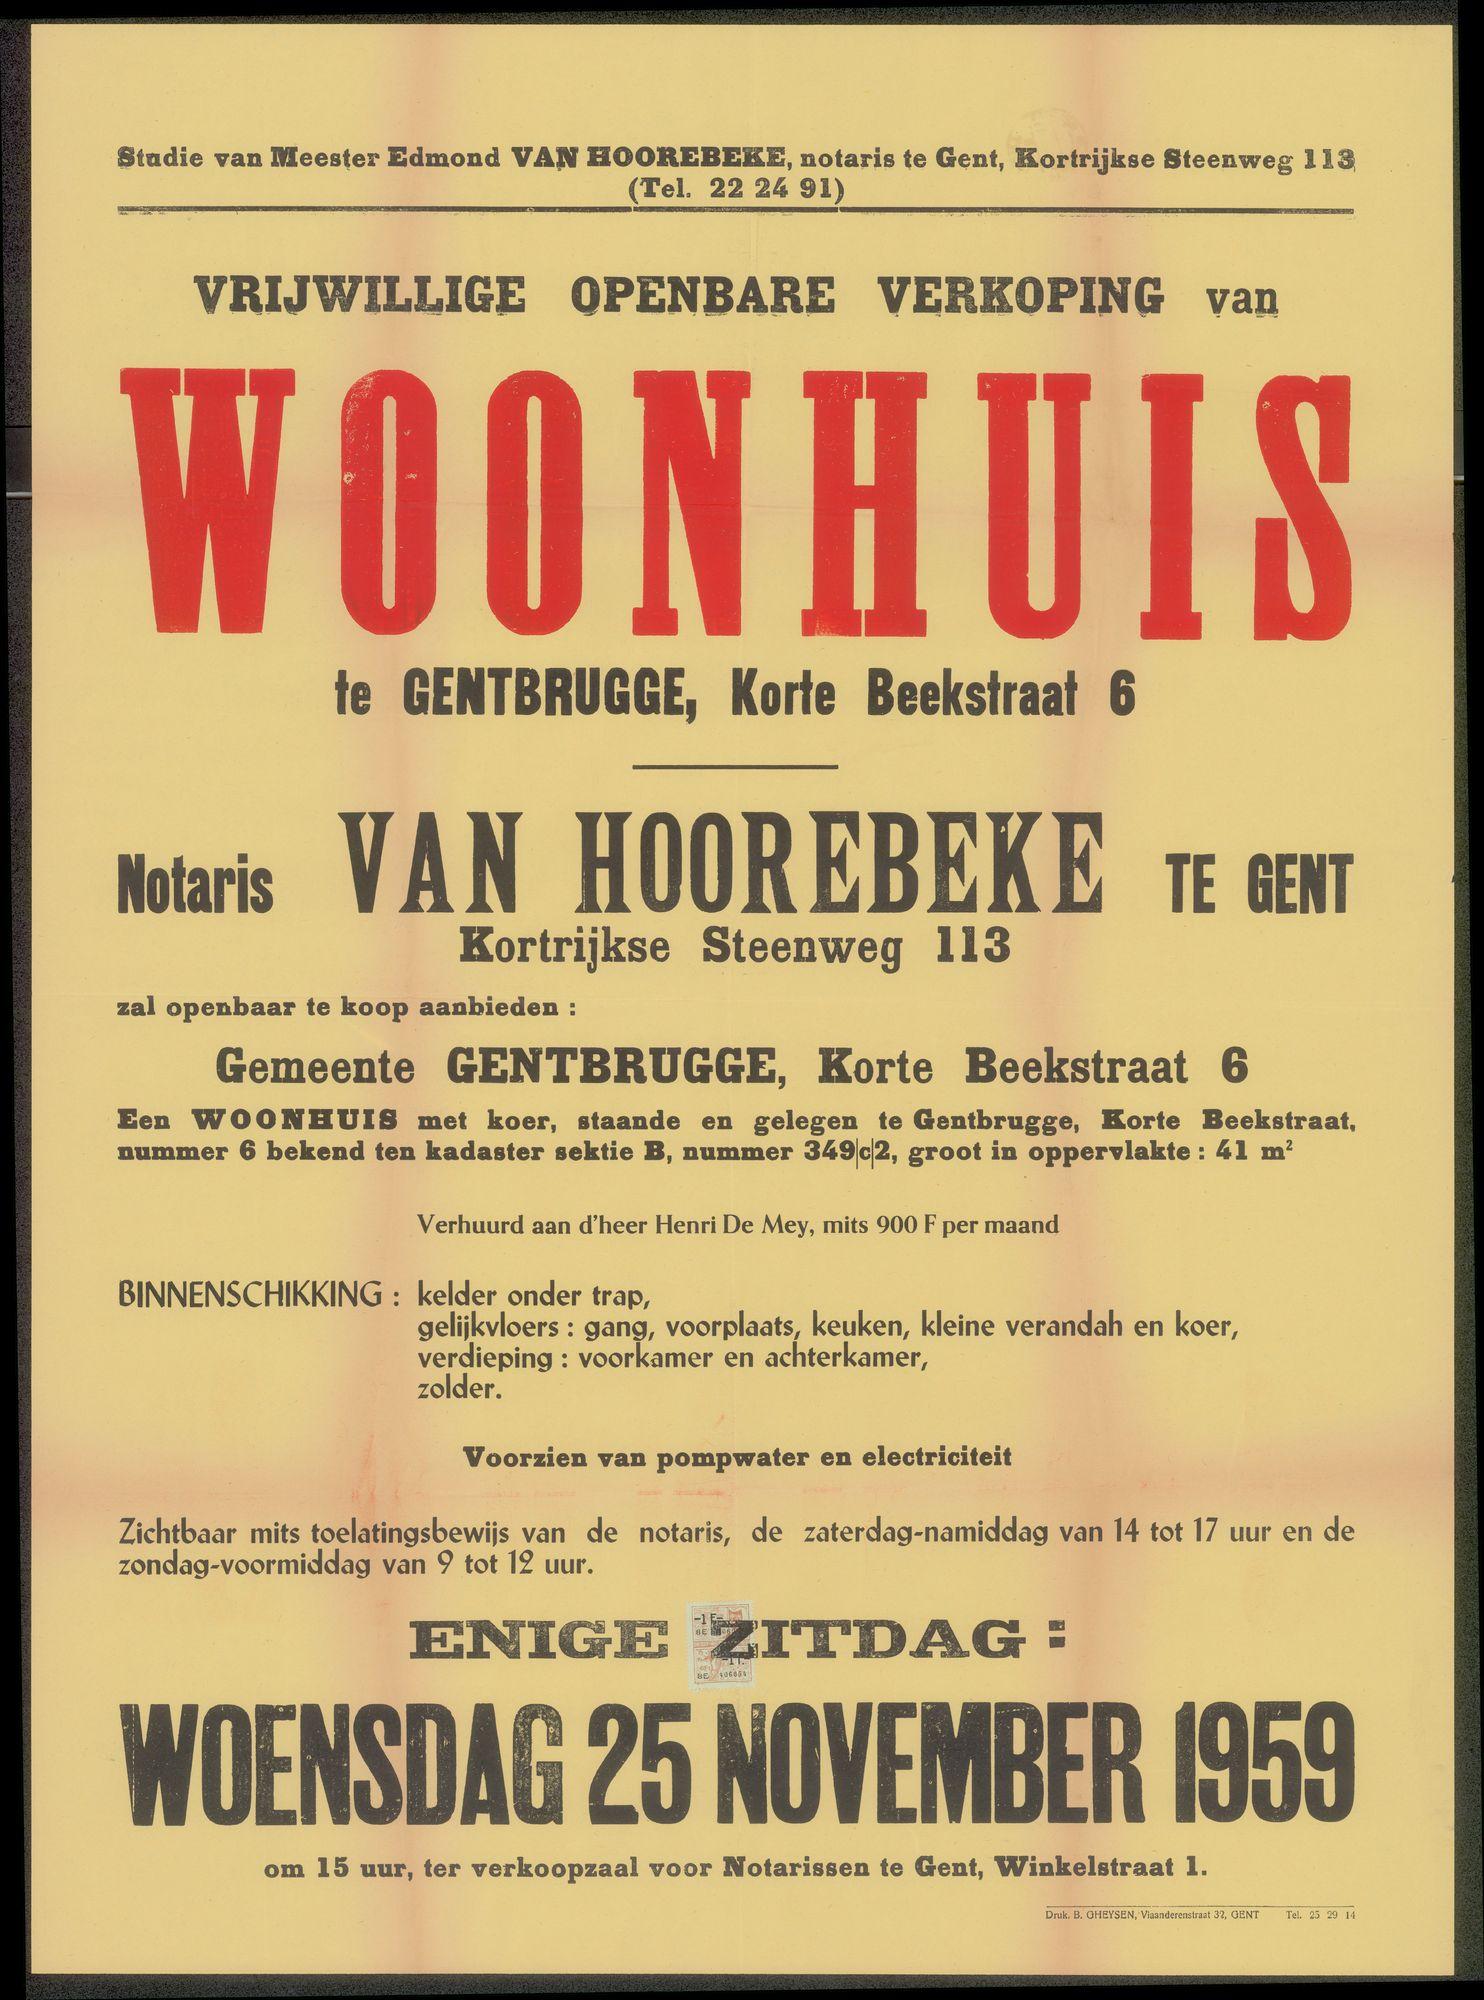 Vrijwillige openbare verkoop van woonhuis te Gentbrugge, Korte Beekstraat, nr.6, Gent, 25 november 1959